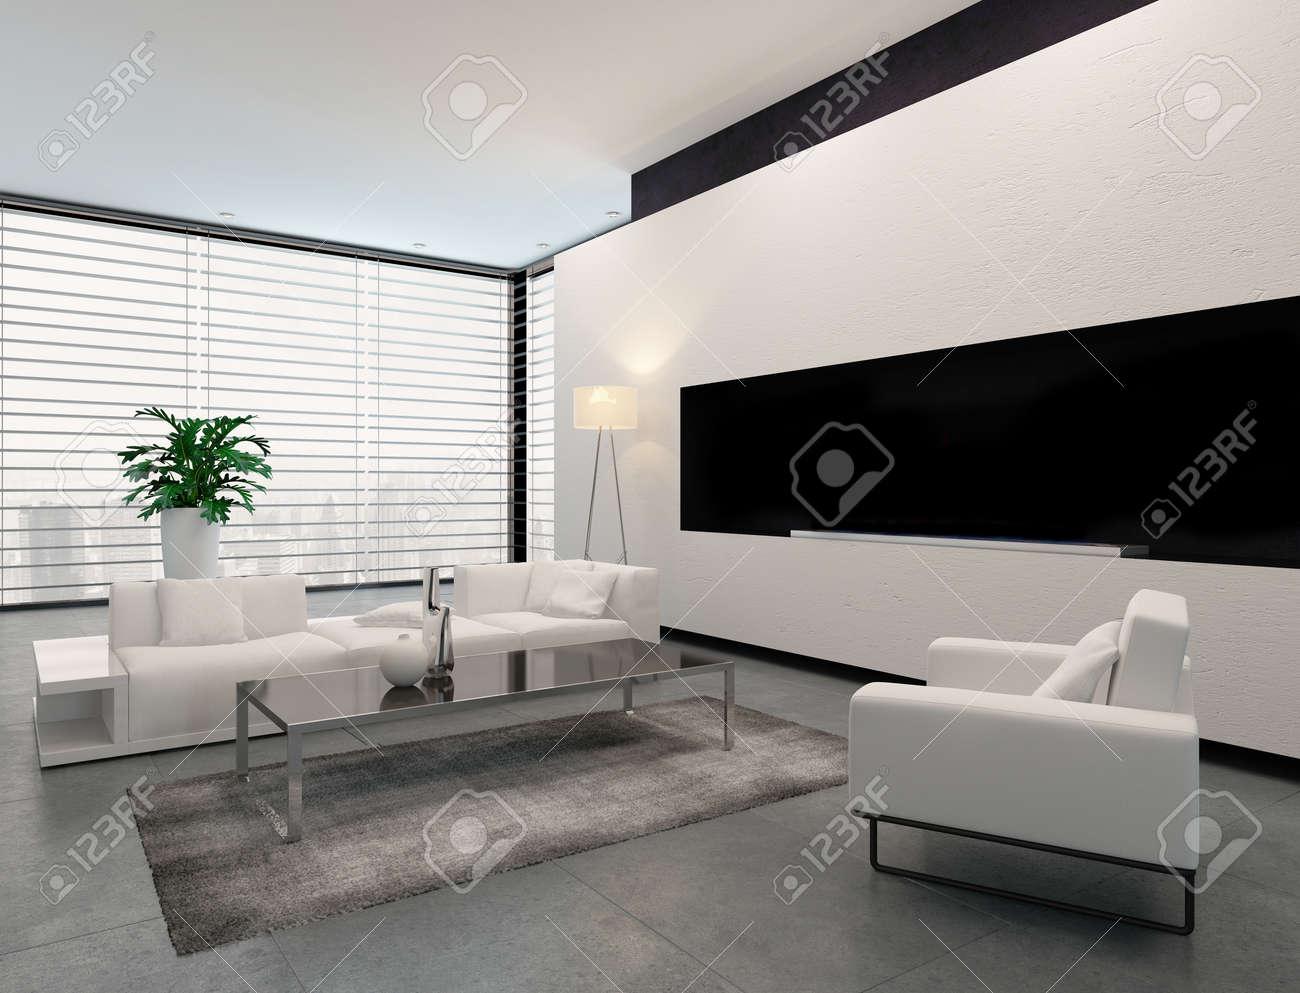 Schon Moderne Wohnzimmer Innenraum In Weiß, Grau Und Schwarz In Minimalistischen  Stil Mit Geschlossenen Jalousien Am